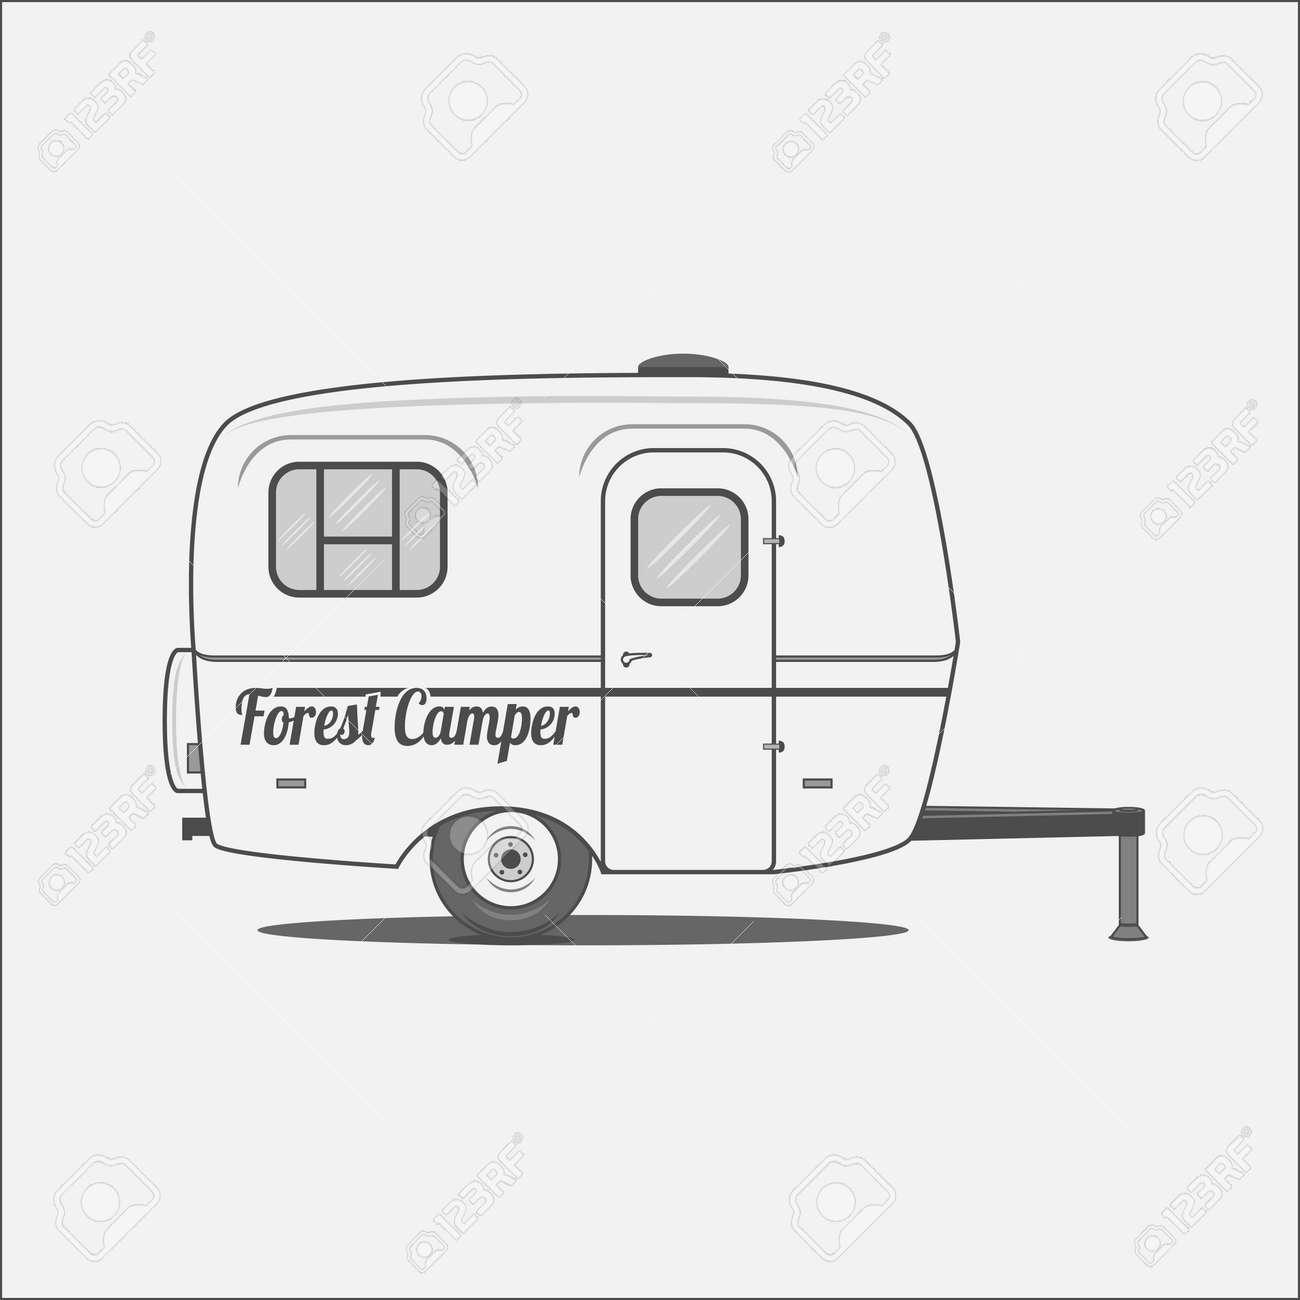 Caravana - Casa Móvil Para Camping. Remolque De Viajes, Listo Para ...